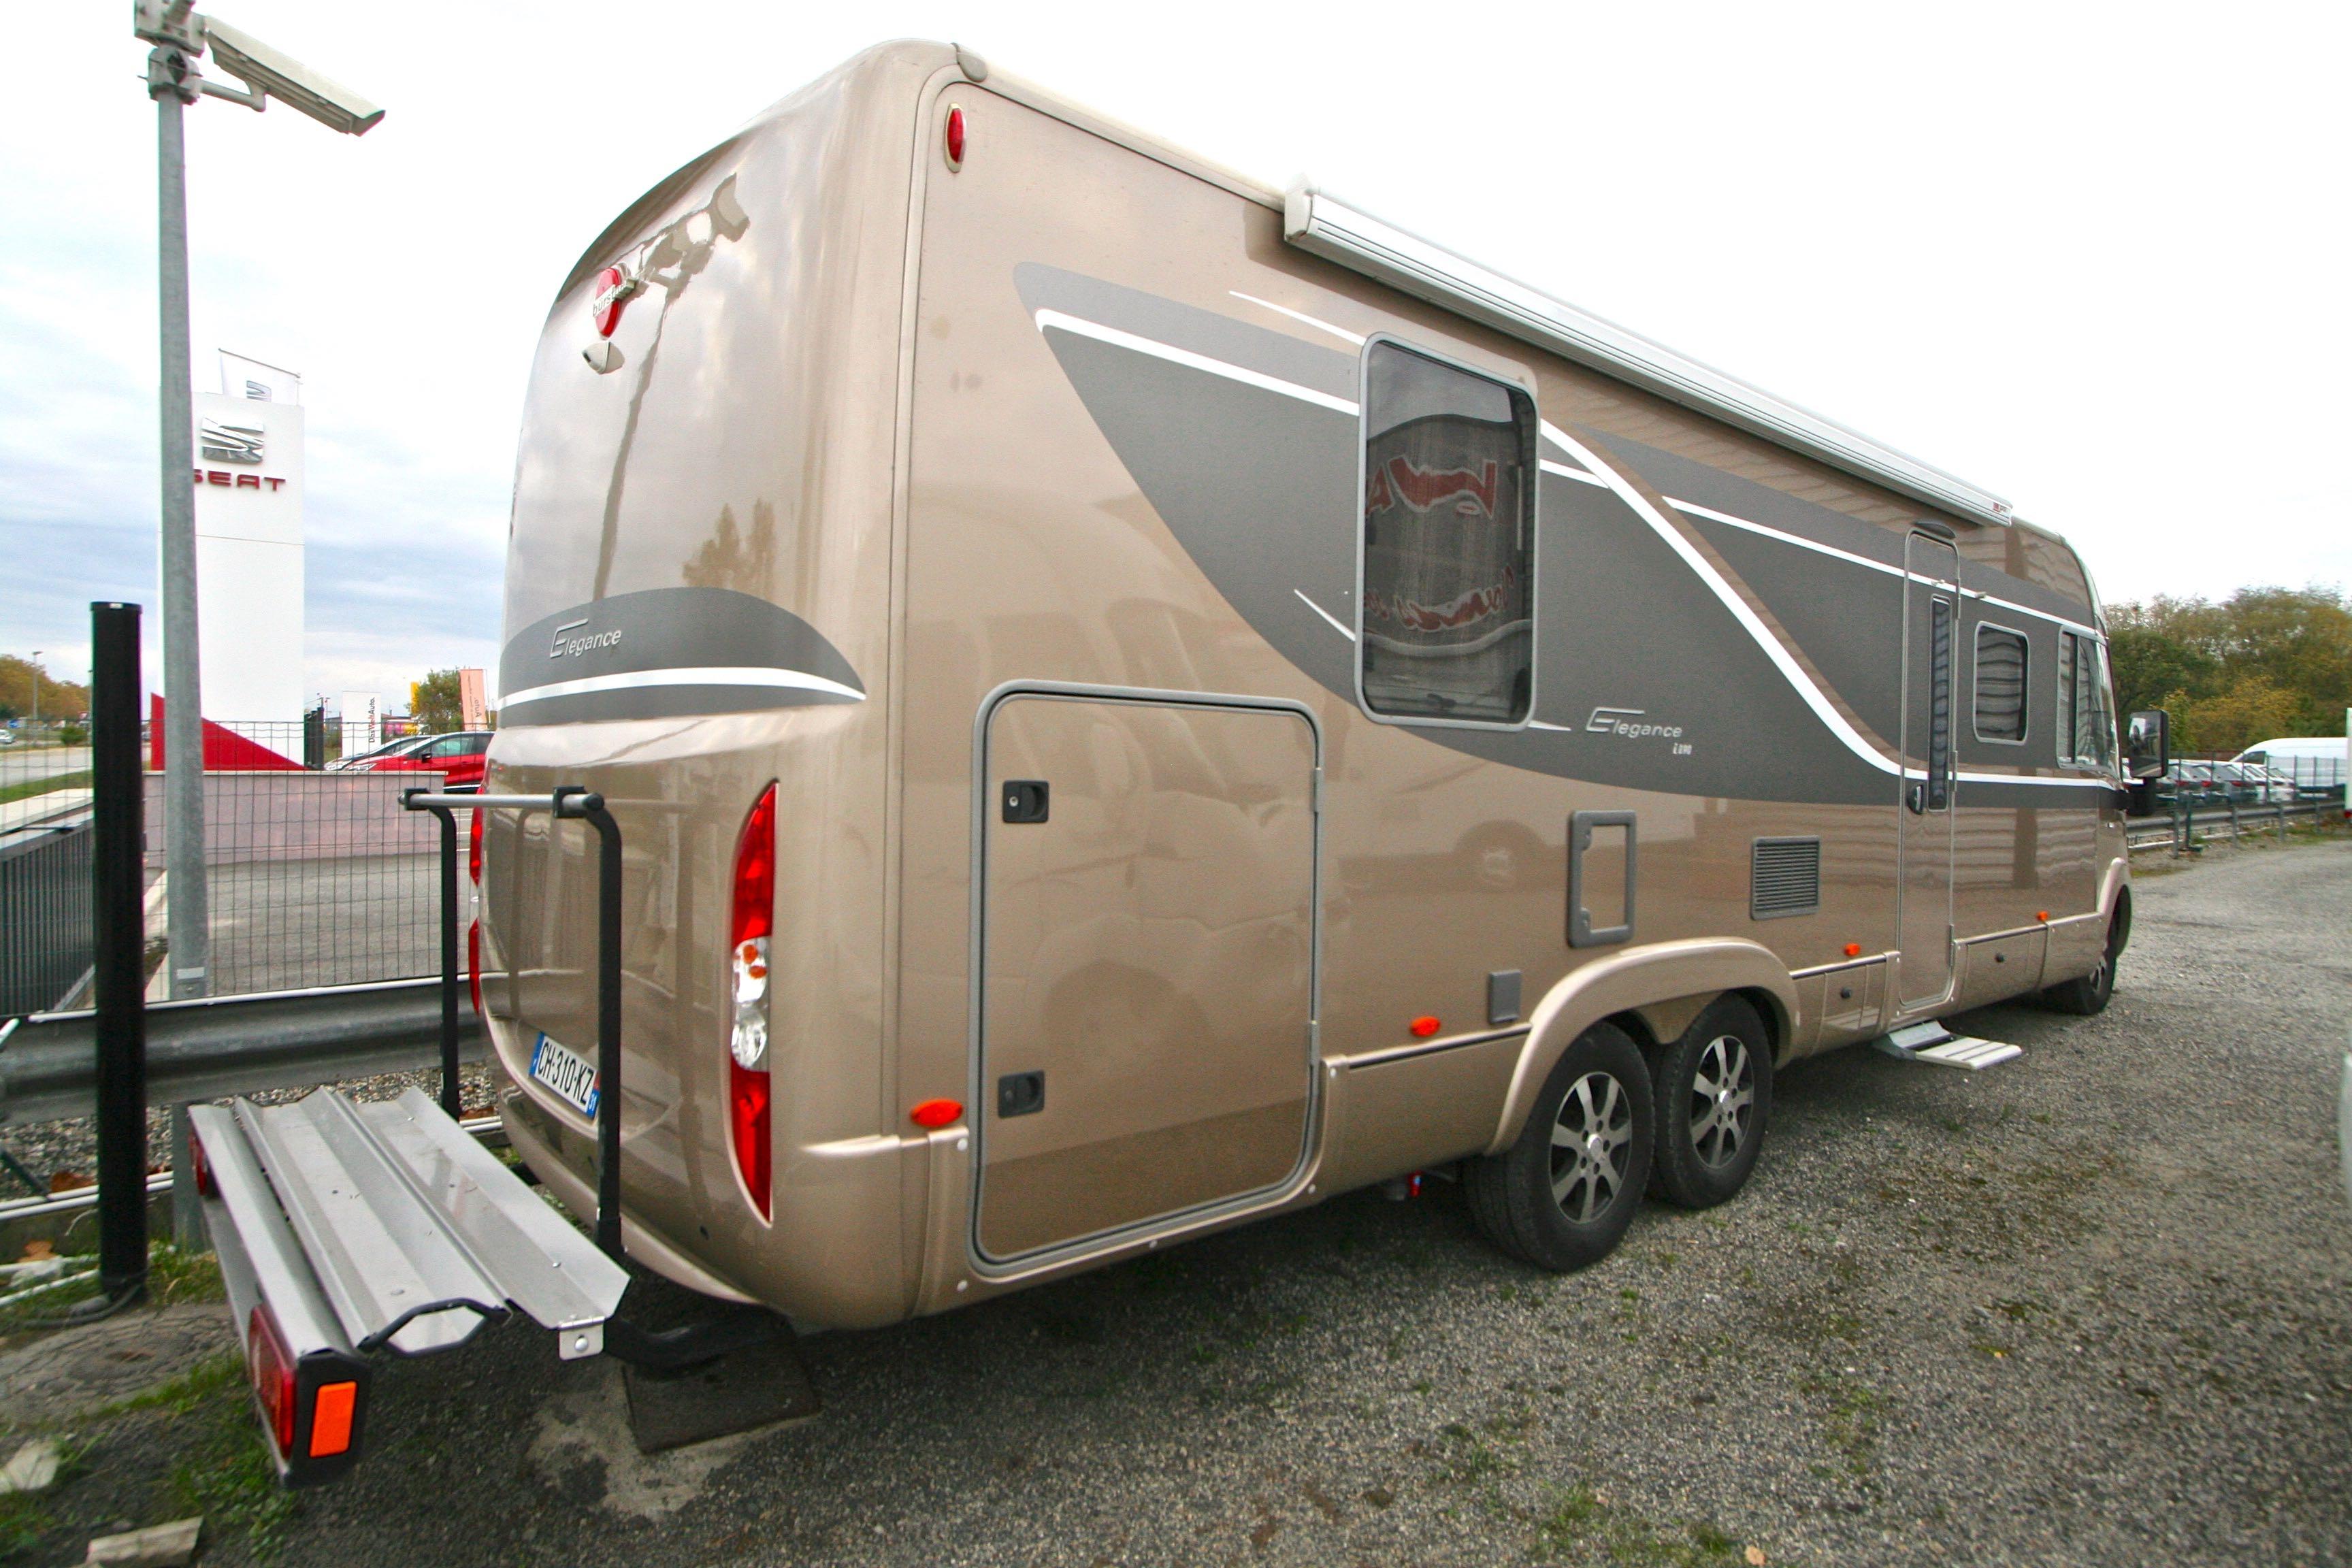 burstner elegance i 890 g occasion de 2012 fiat camping car en vente roques sur garonne. Black Bedroom Furniture Sets. Home Design Ideas